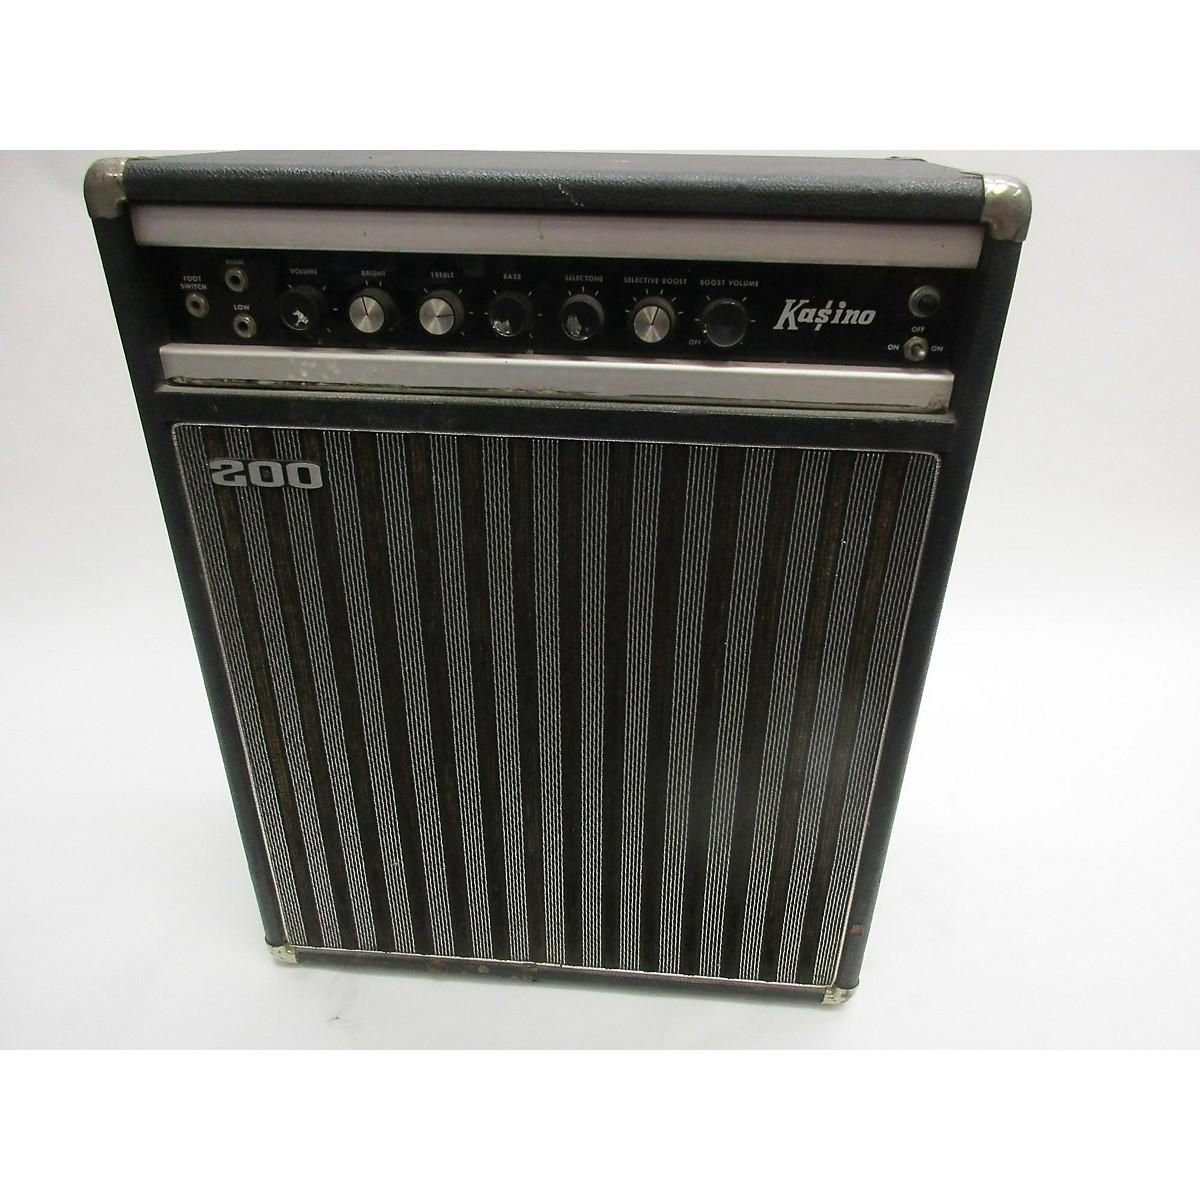 Kasino 1970s U200 Bass Combo Amp